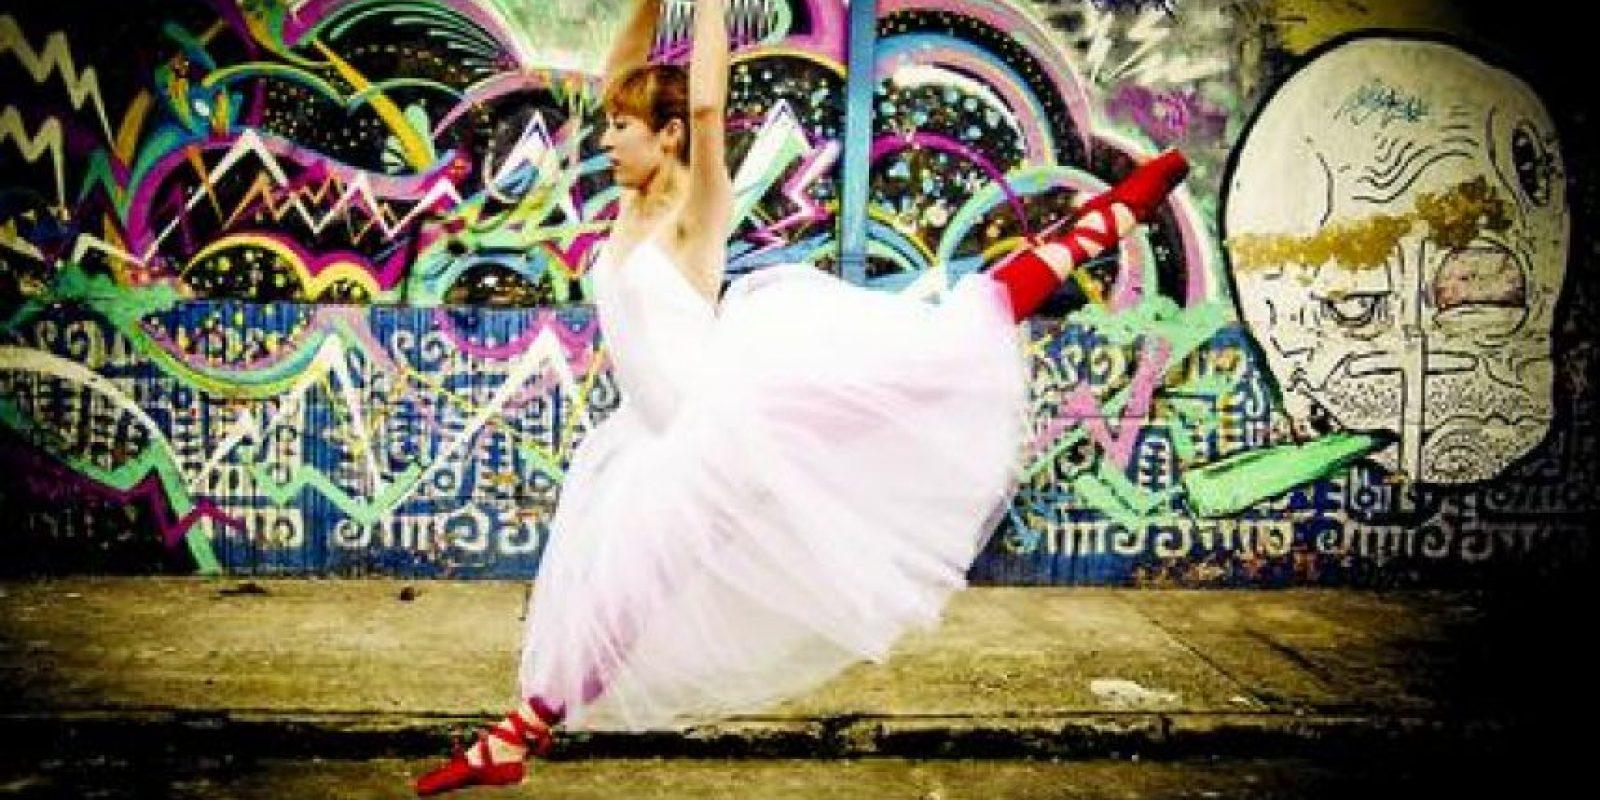 """Mi favorita: 'Libertad urbana' Gabo Gómez decidió pasar una tarde tomando fotos de una amiga bailarina posando frente a un grafiti en el Chorro de Quevedo, en Bogotá. """"Quería mostrar la expresión del arte en un lugar no relacionado con el ballet"""", dijo Gómez. Ambos estuvieron caminando durante un buen rato hasta que decidieron que la pared multicolor era el lugar ideal, ya que representa la manera en la que se hace arte en Bogotá. Mientras el grafiti no tiene los honores que tiene la danza clásica, este analista de computadores de 23 años, aspirante a convertirse en fotógrafo, cree que igual tiene el mismo valor artístico. """"La meta principal era transmitir el mensaje de que no te puedes ensañar en una sola cosa cuando se trata de arte, y que cualquier forma de expresión está permitida"""", dijo."""